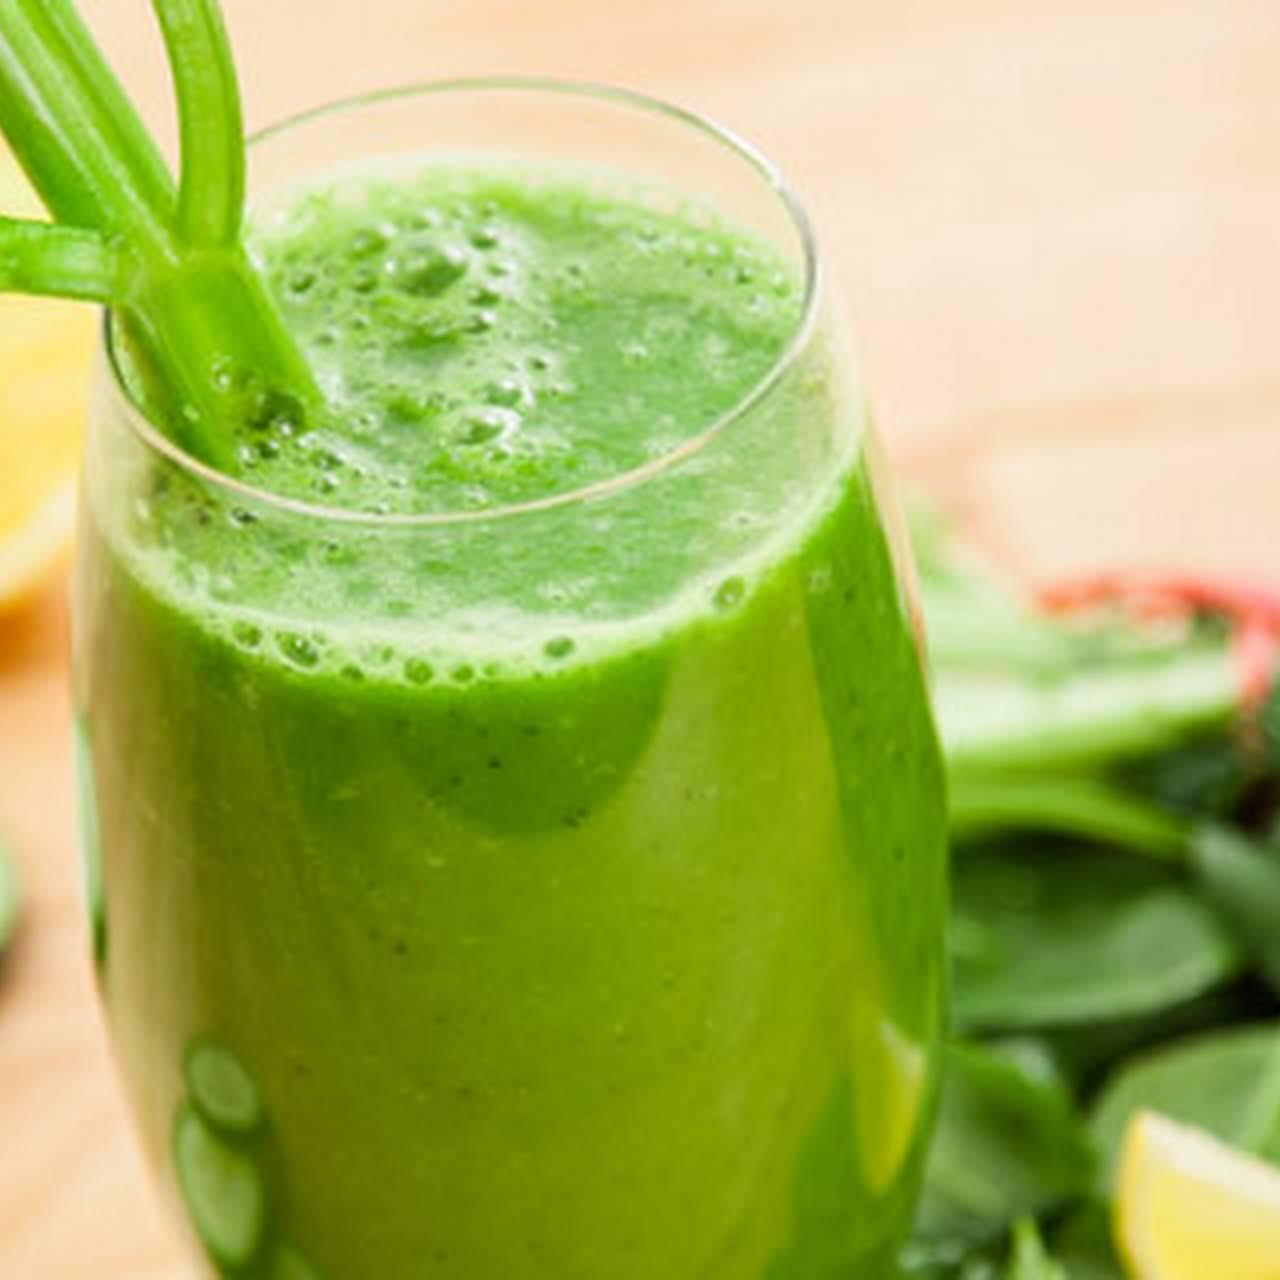 Garden Green Giant Juice